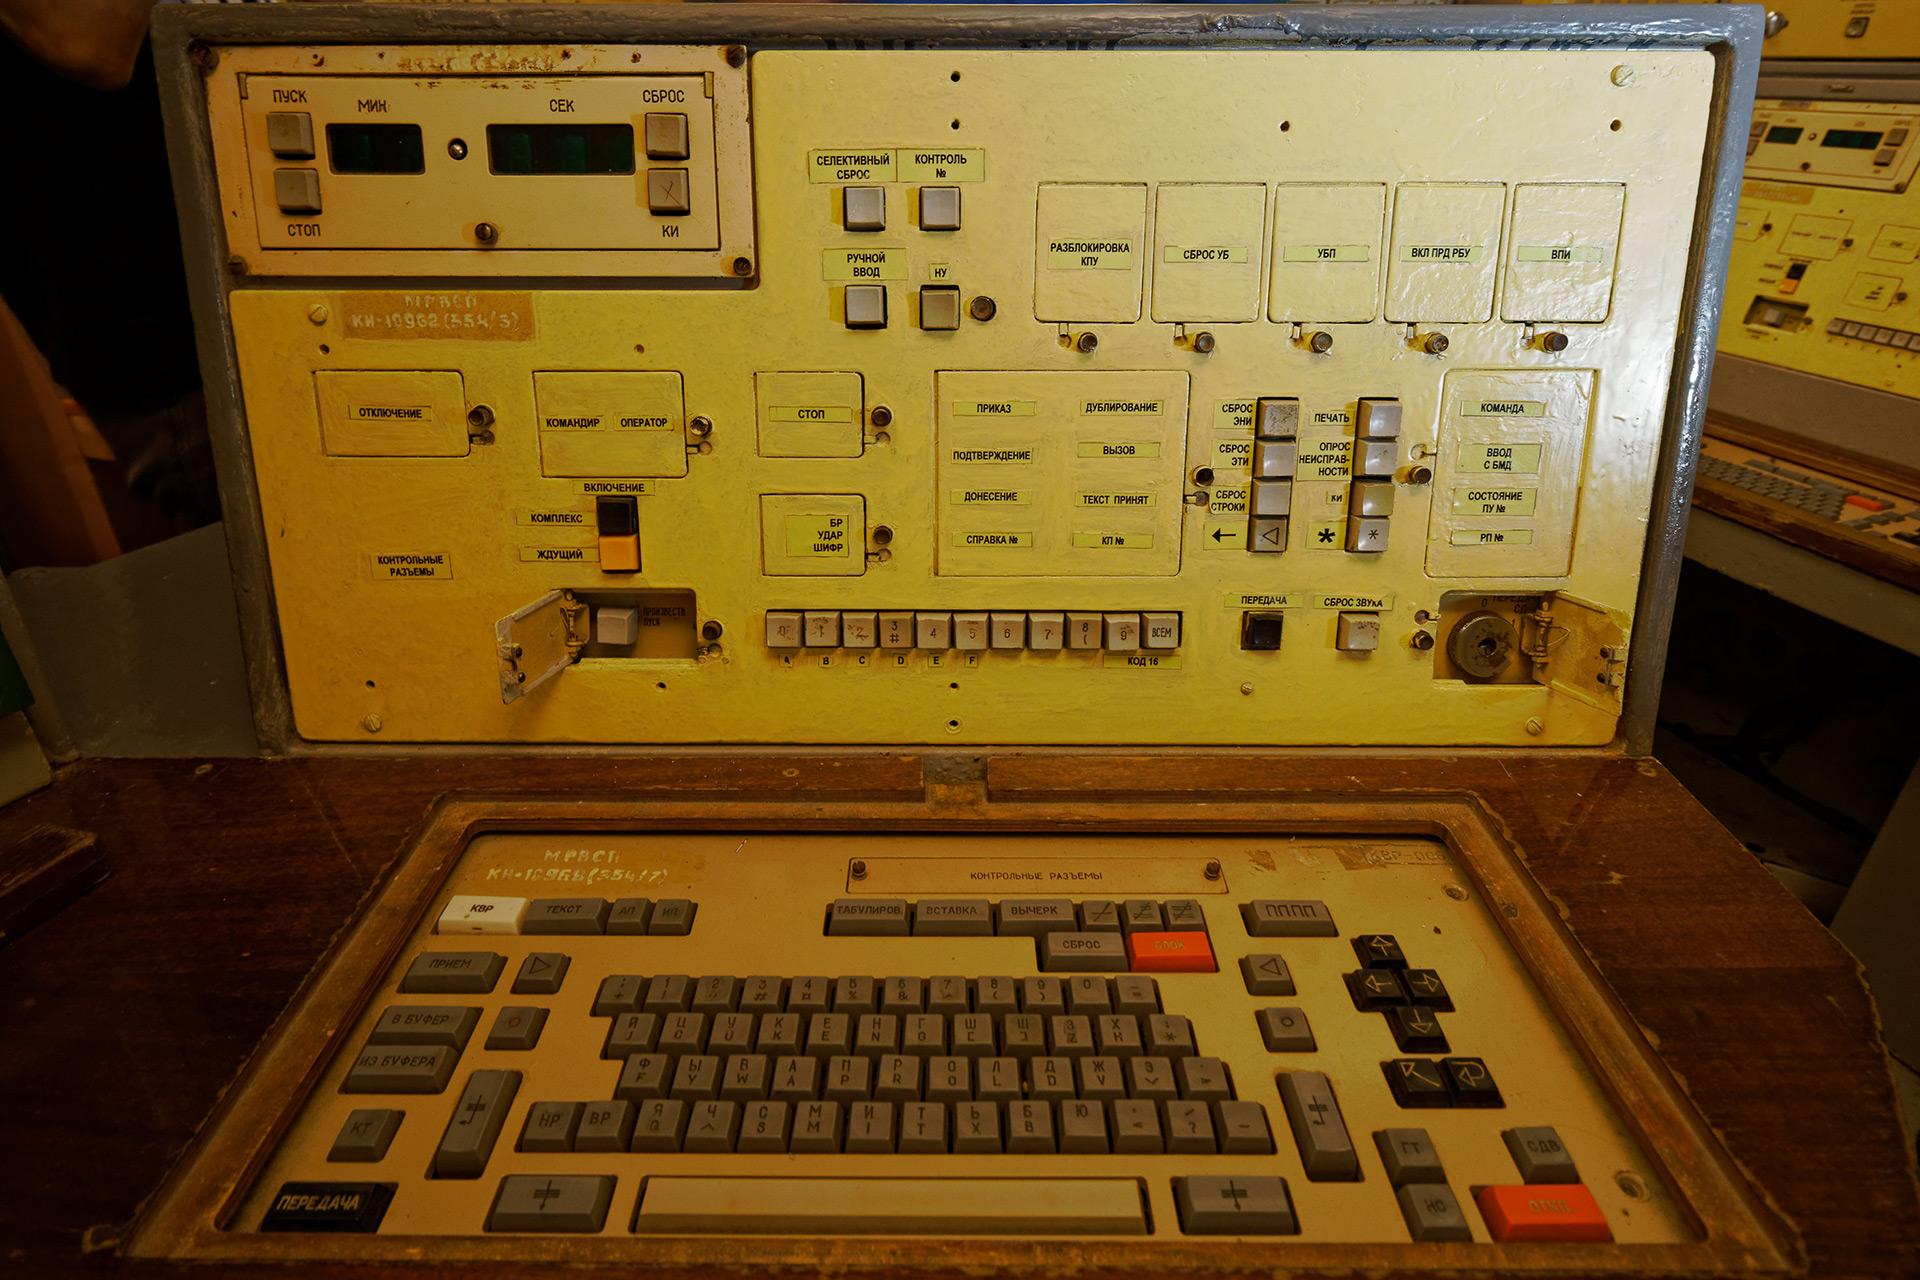 Военные активно использовали в ракетных войсках компьютеры советского производства